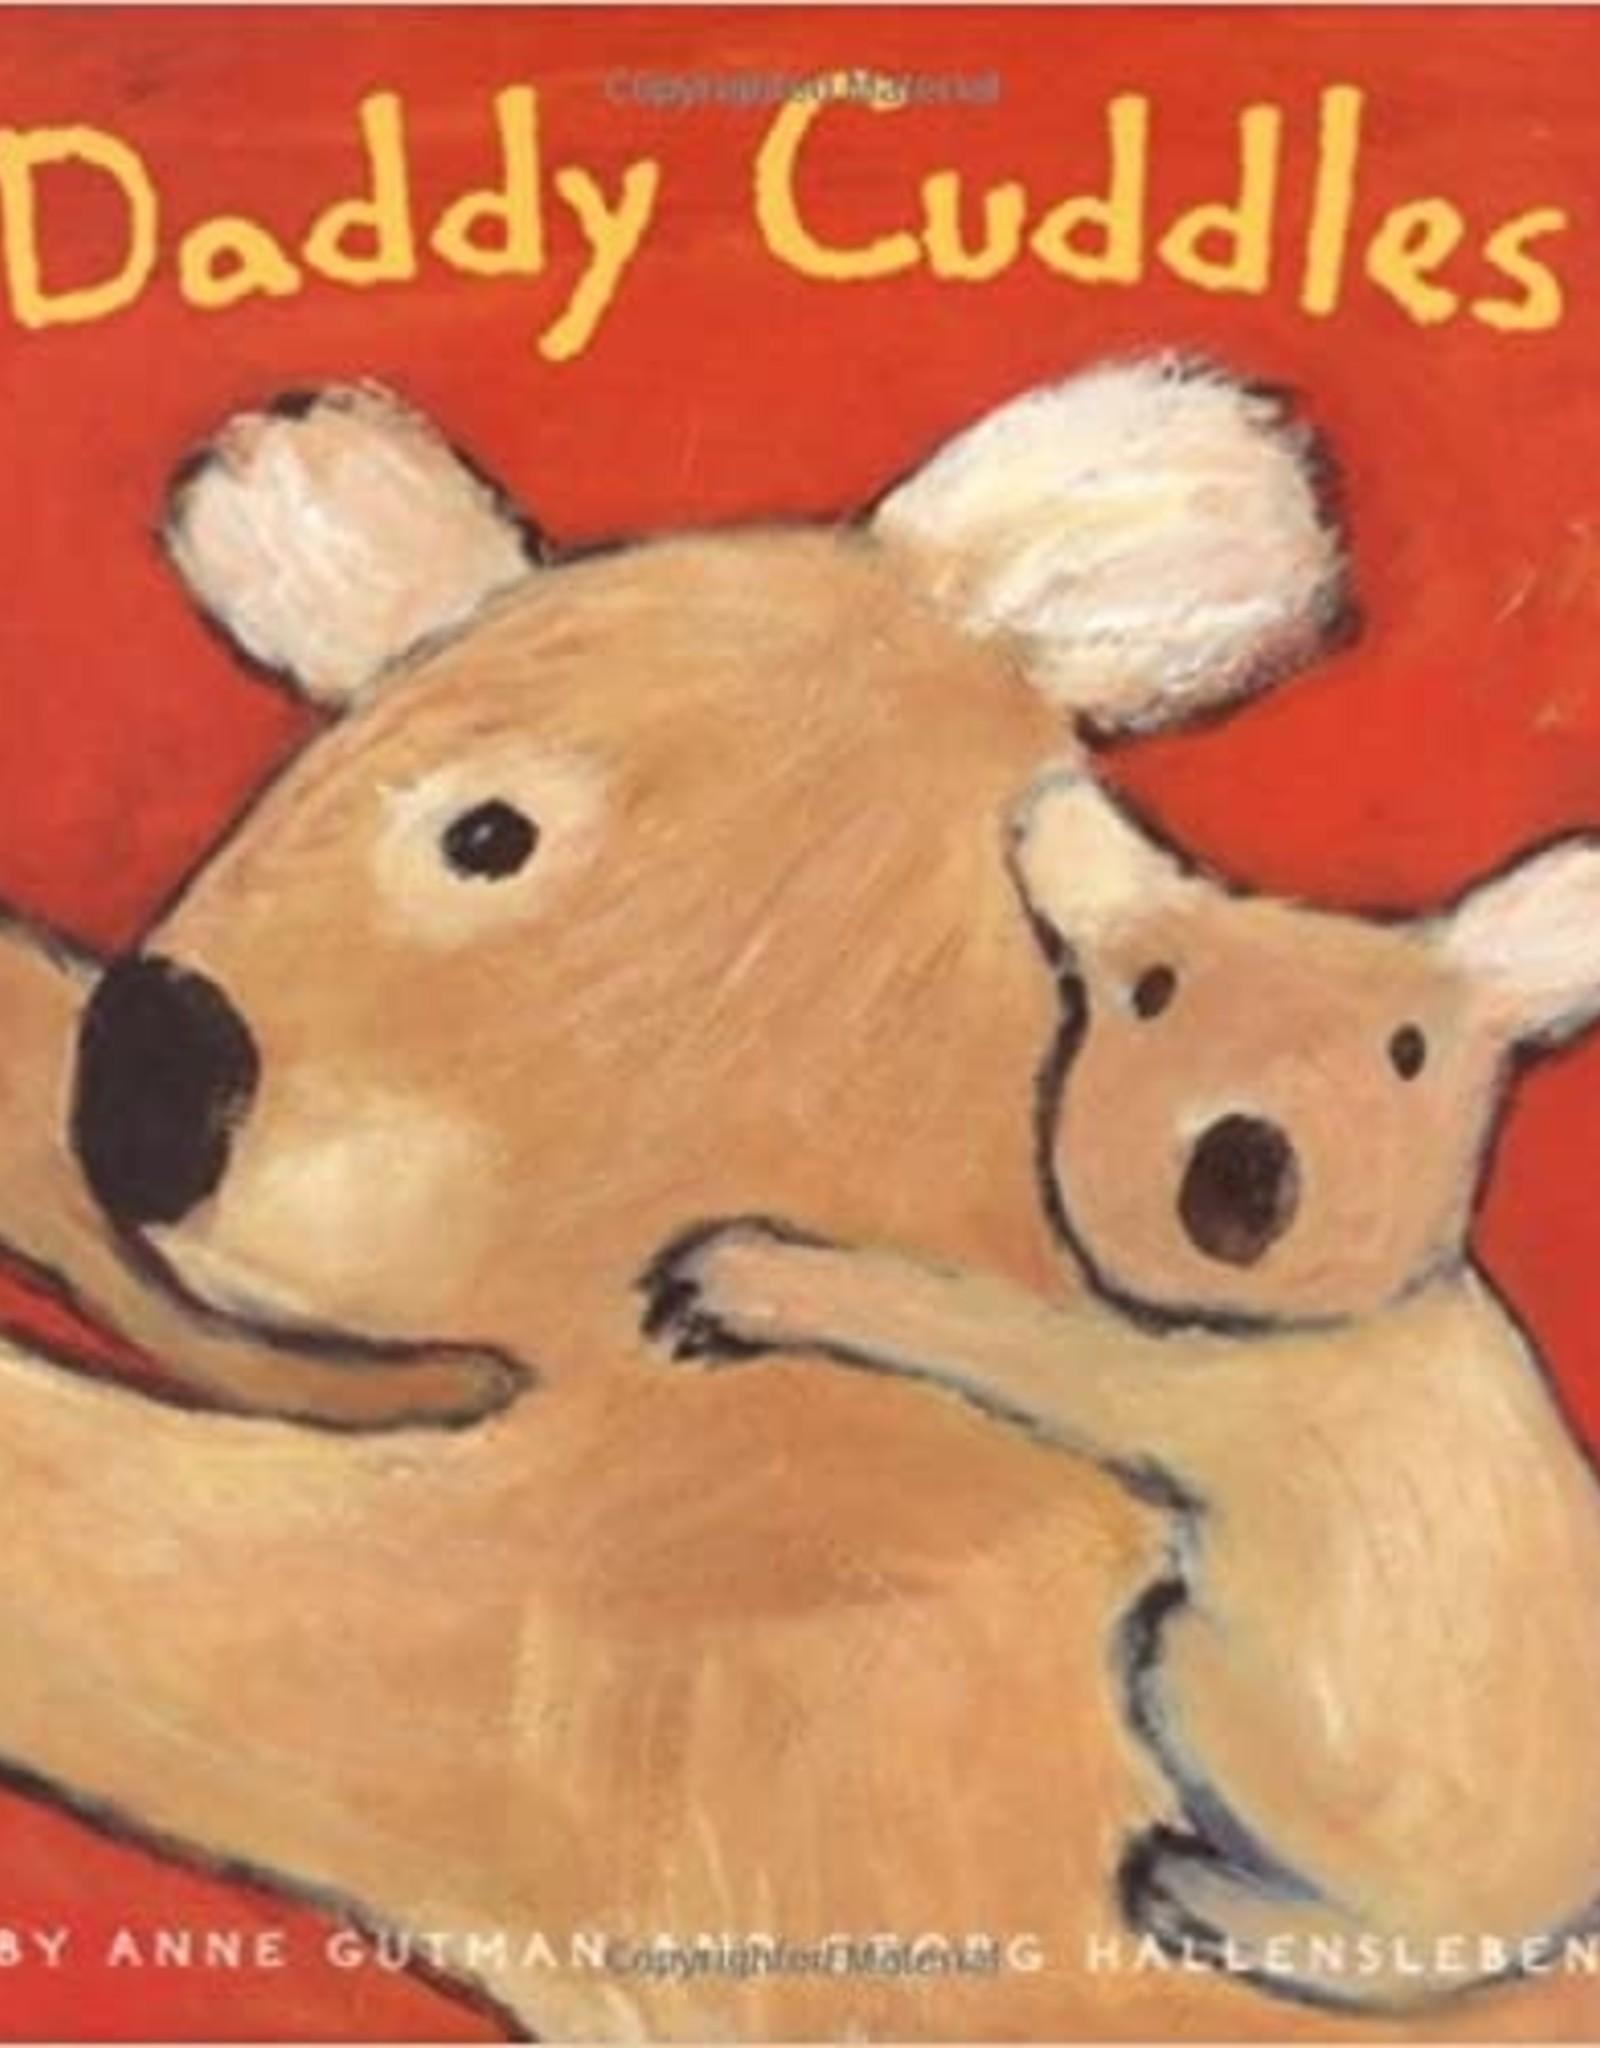 Daddy Cuddles by Anne Gutman and Georg Hallenslaben